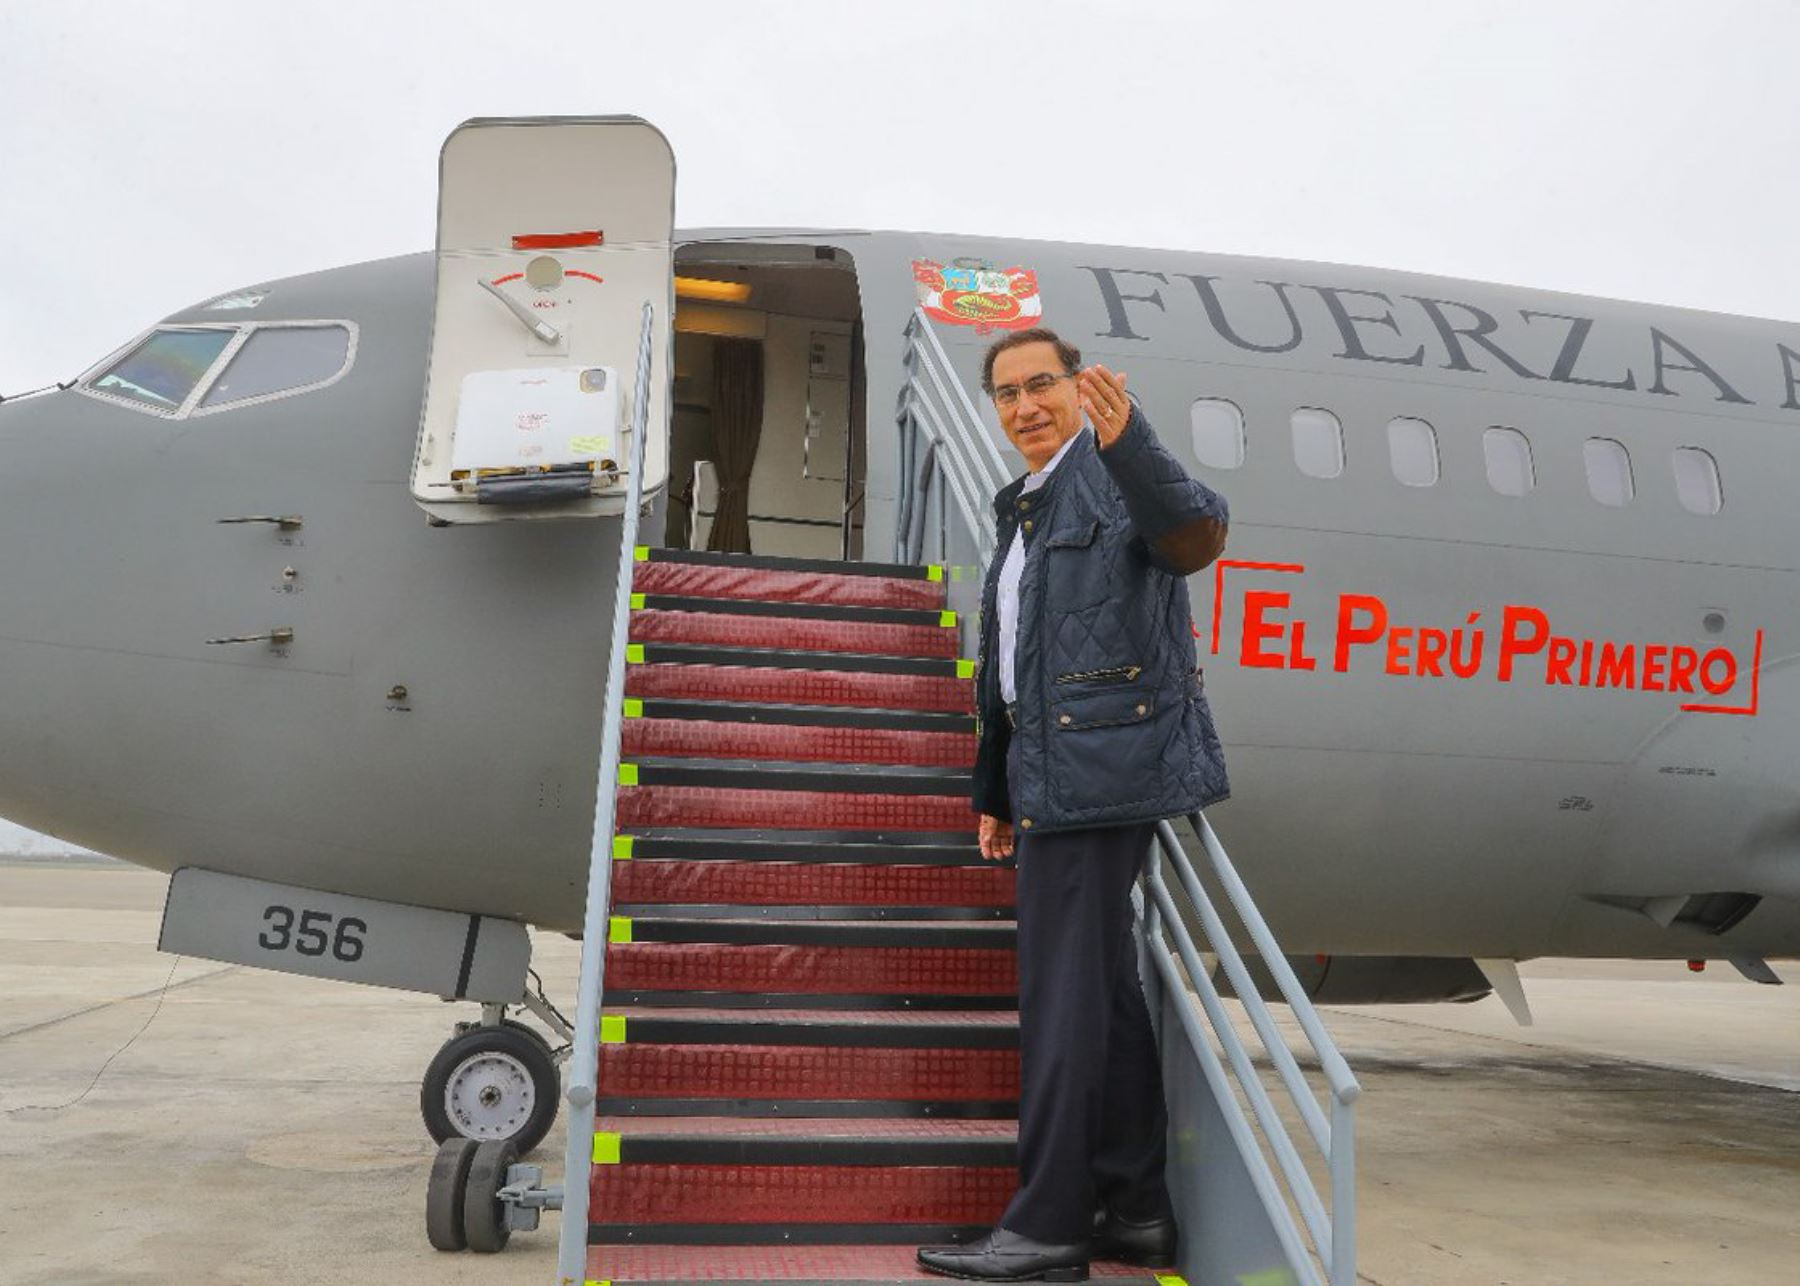 Presidente Martín Vizcarra encabeza lanzamiento de la Agenda Bicentenario en Ayacucho.